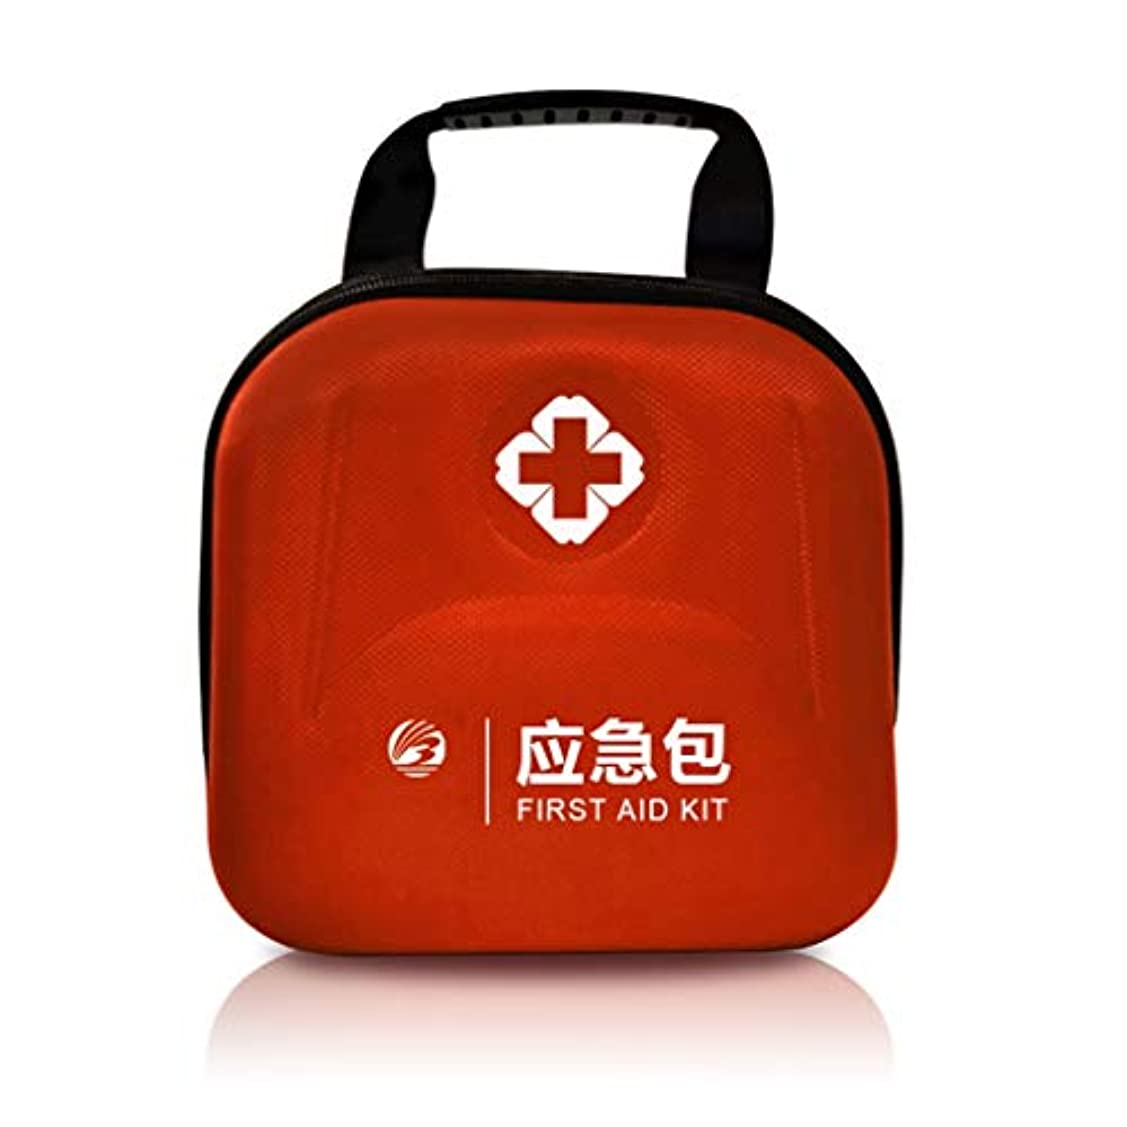 ミシン羽寄付する緊急用バッグ ホームスポーツ/ 4オプションの色に適した携帯用救急箱屋外車キット旅行医療バッグ HMMSP (Color : Orange)